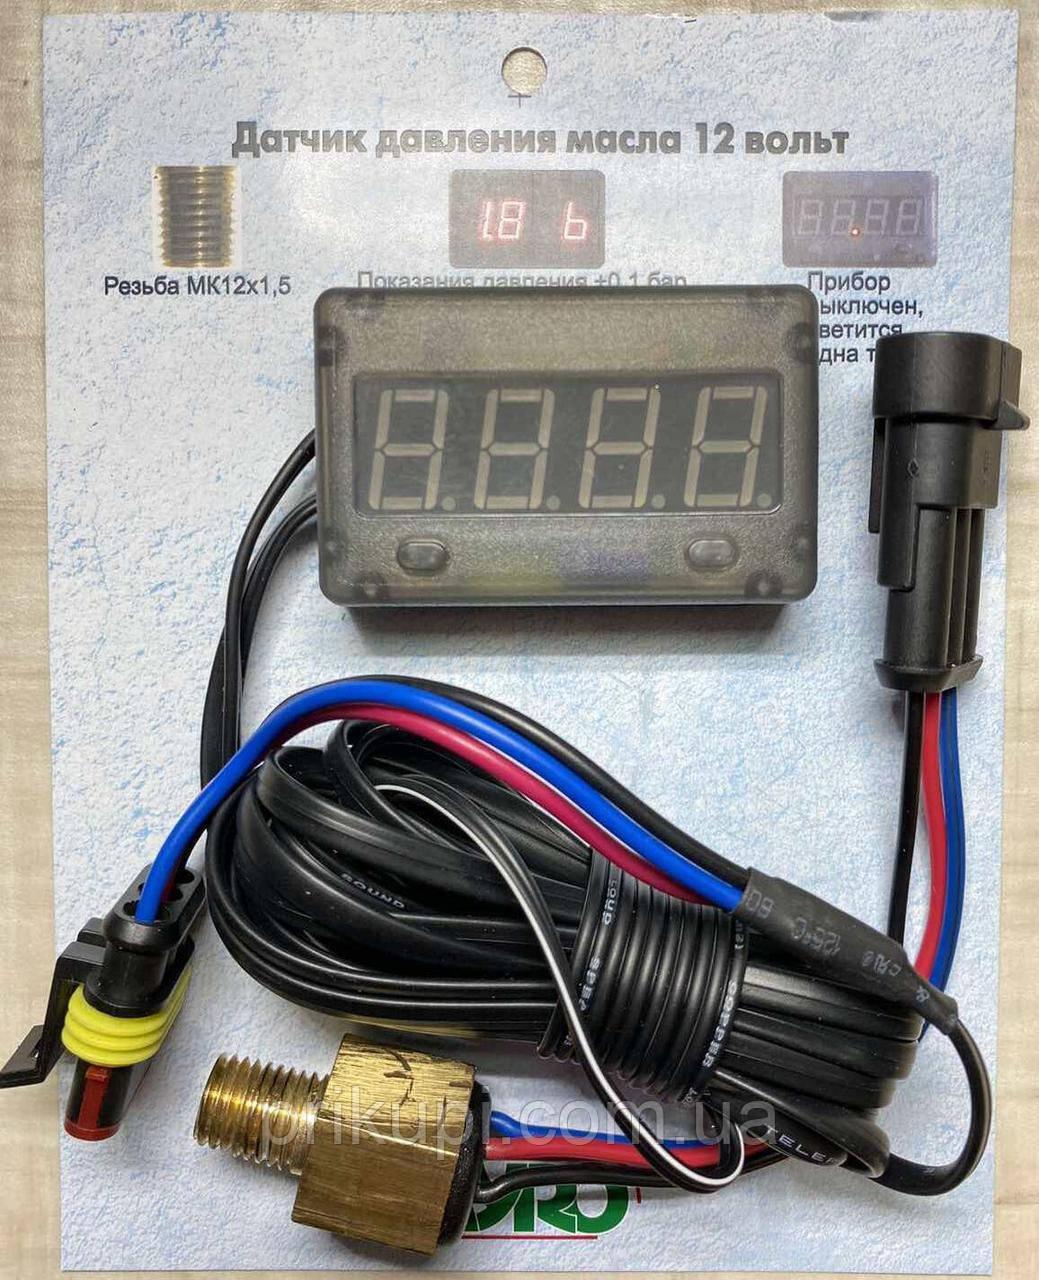 Цифровой электронный датчик давления масла 12 вольт Ø 12х1.5 мм